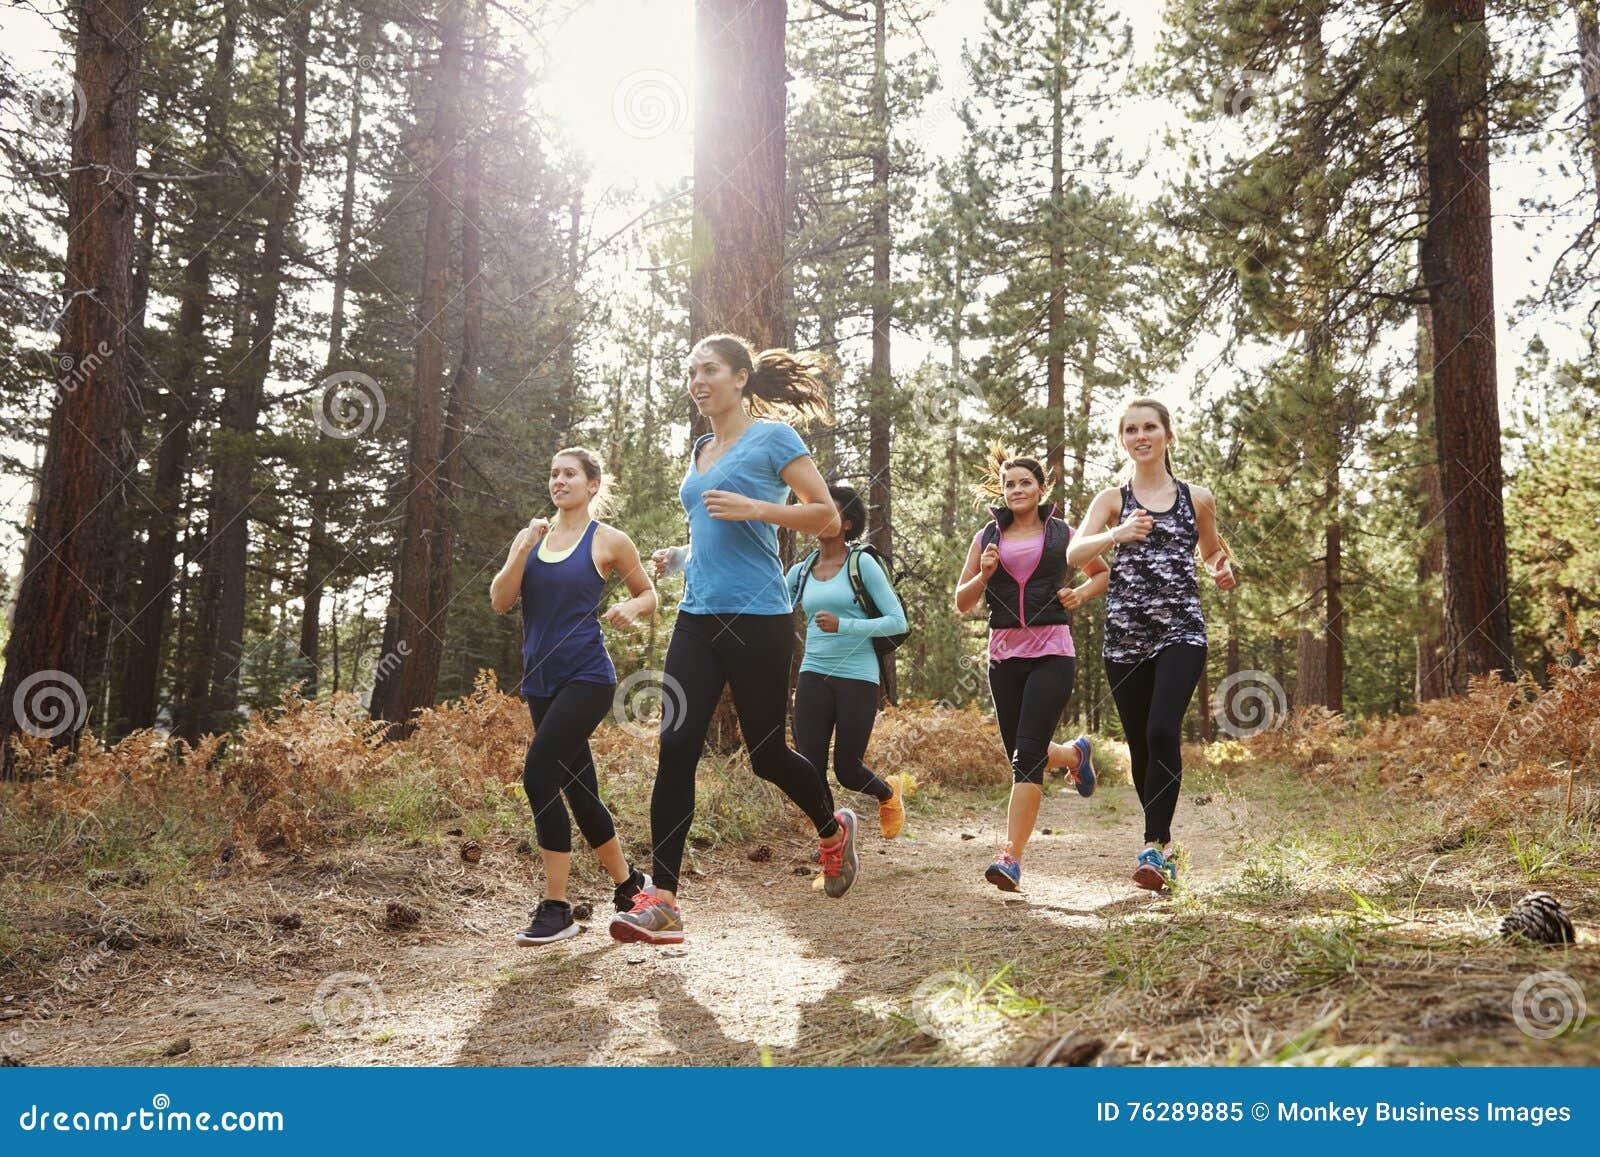 Le groupe de jeunes femmes adultes courant dans une forêt, se ferment